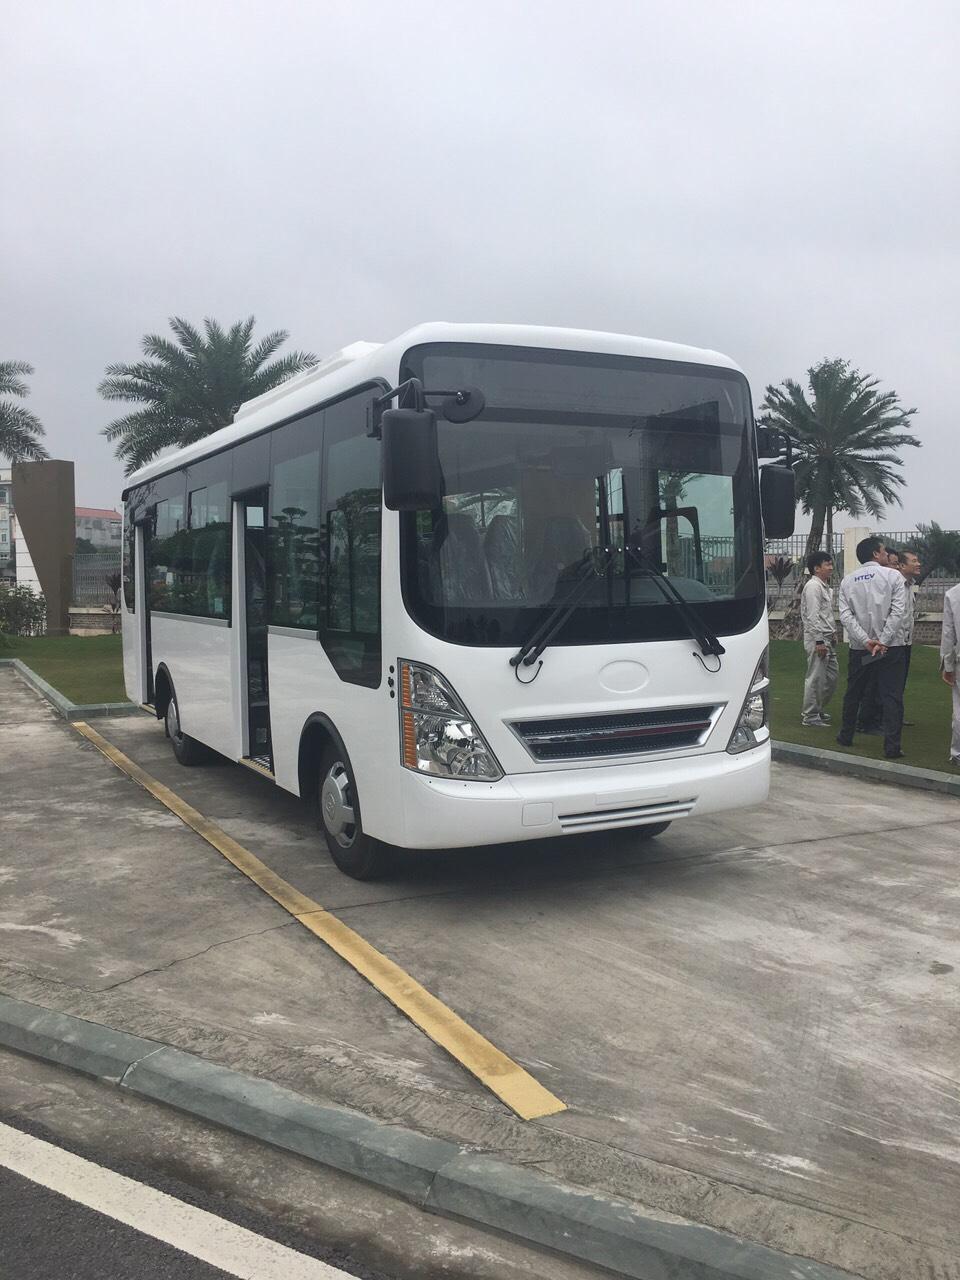 xe-bus-15-hd-b40-kieu-dang-new-city-7